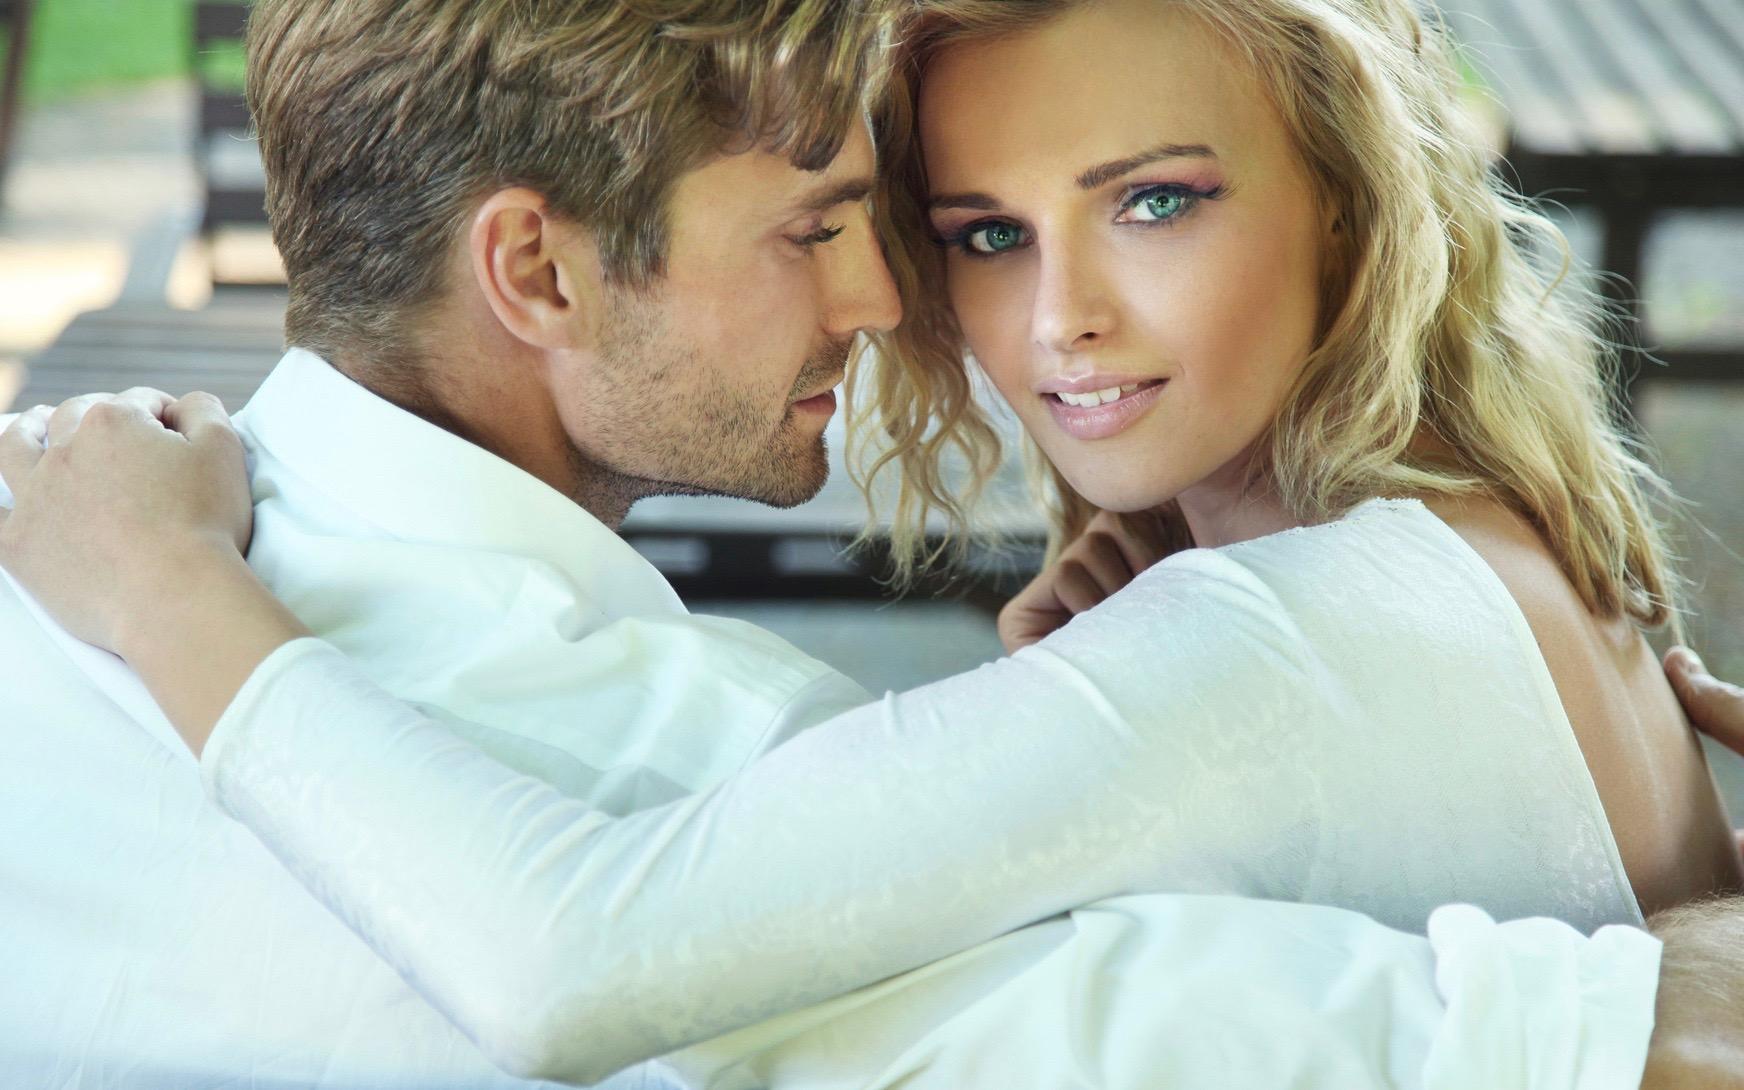 Schönes glückliches Paar schaut in Kamera, Beziehungen Liebe Andreas Mittlböck